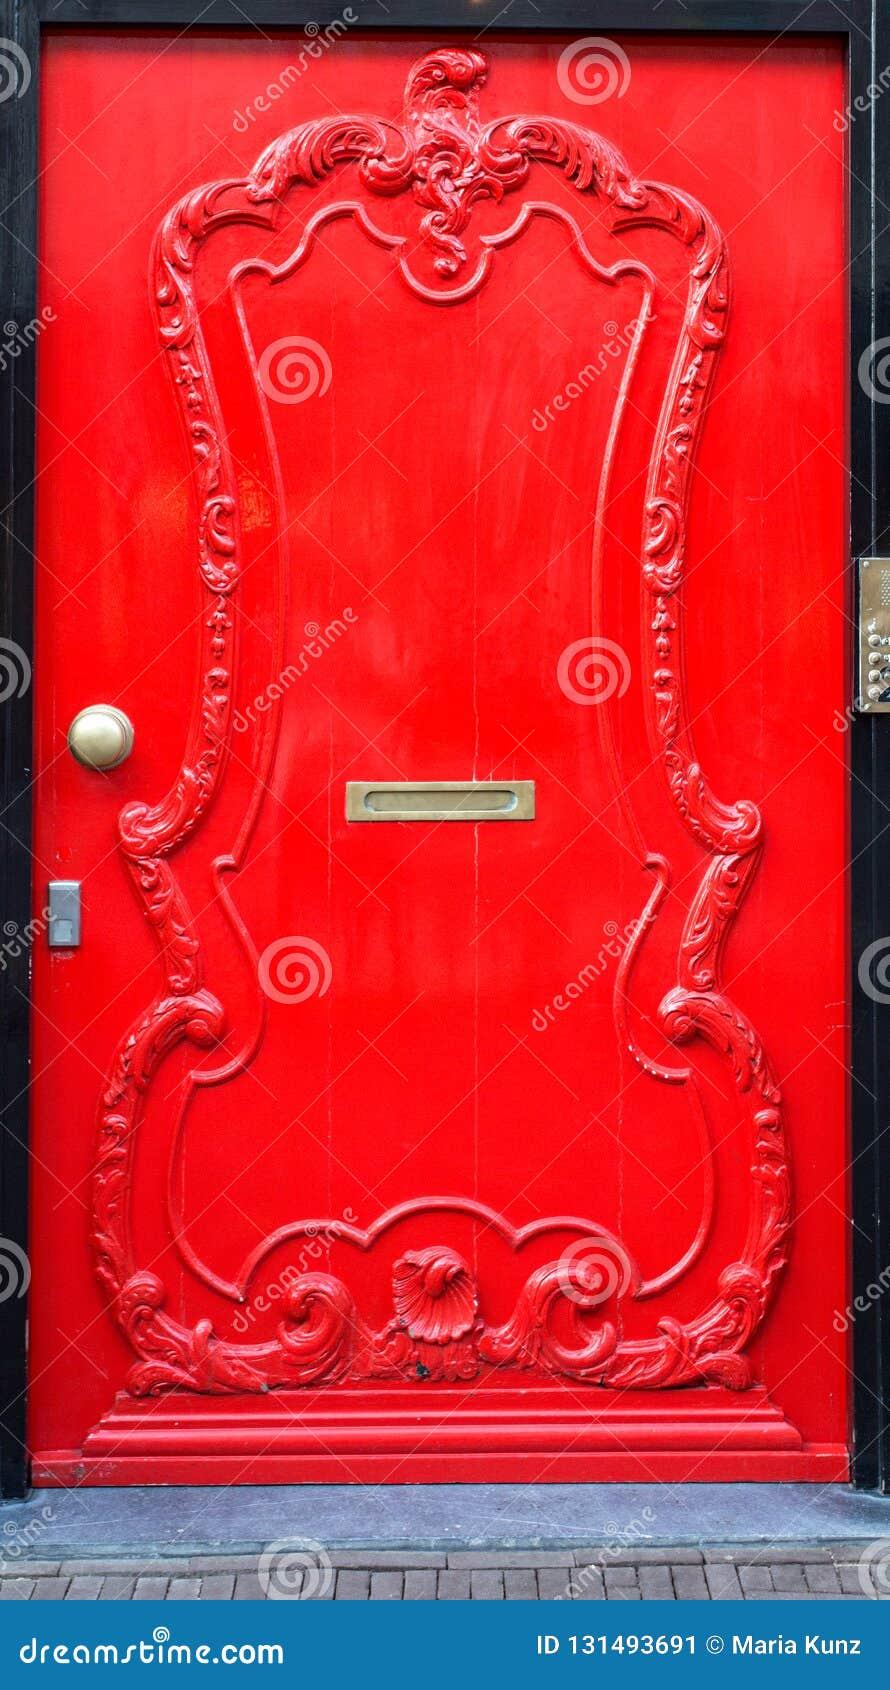 Porte D Entrée Rouge porte d'entrée en bois rouge image stock - image du